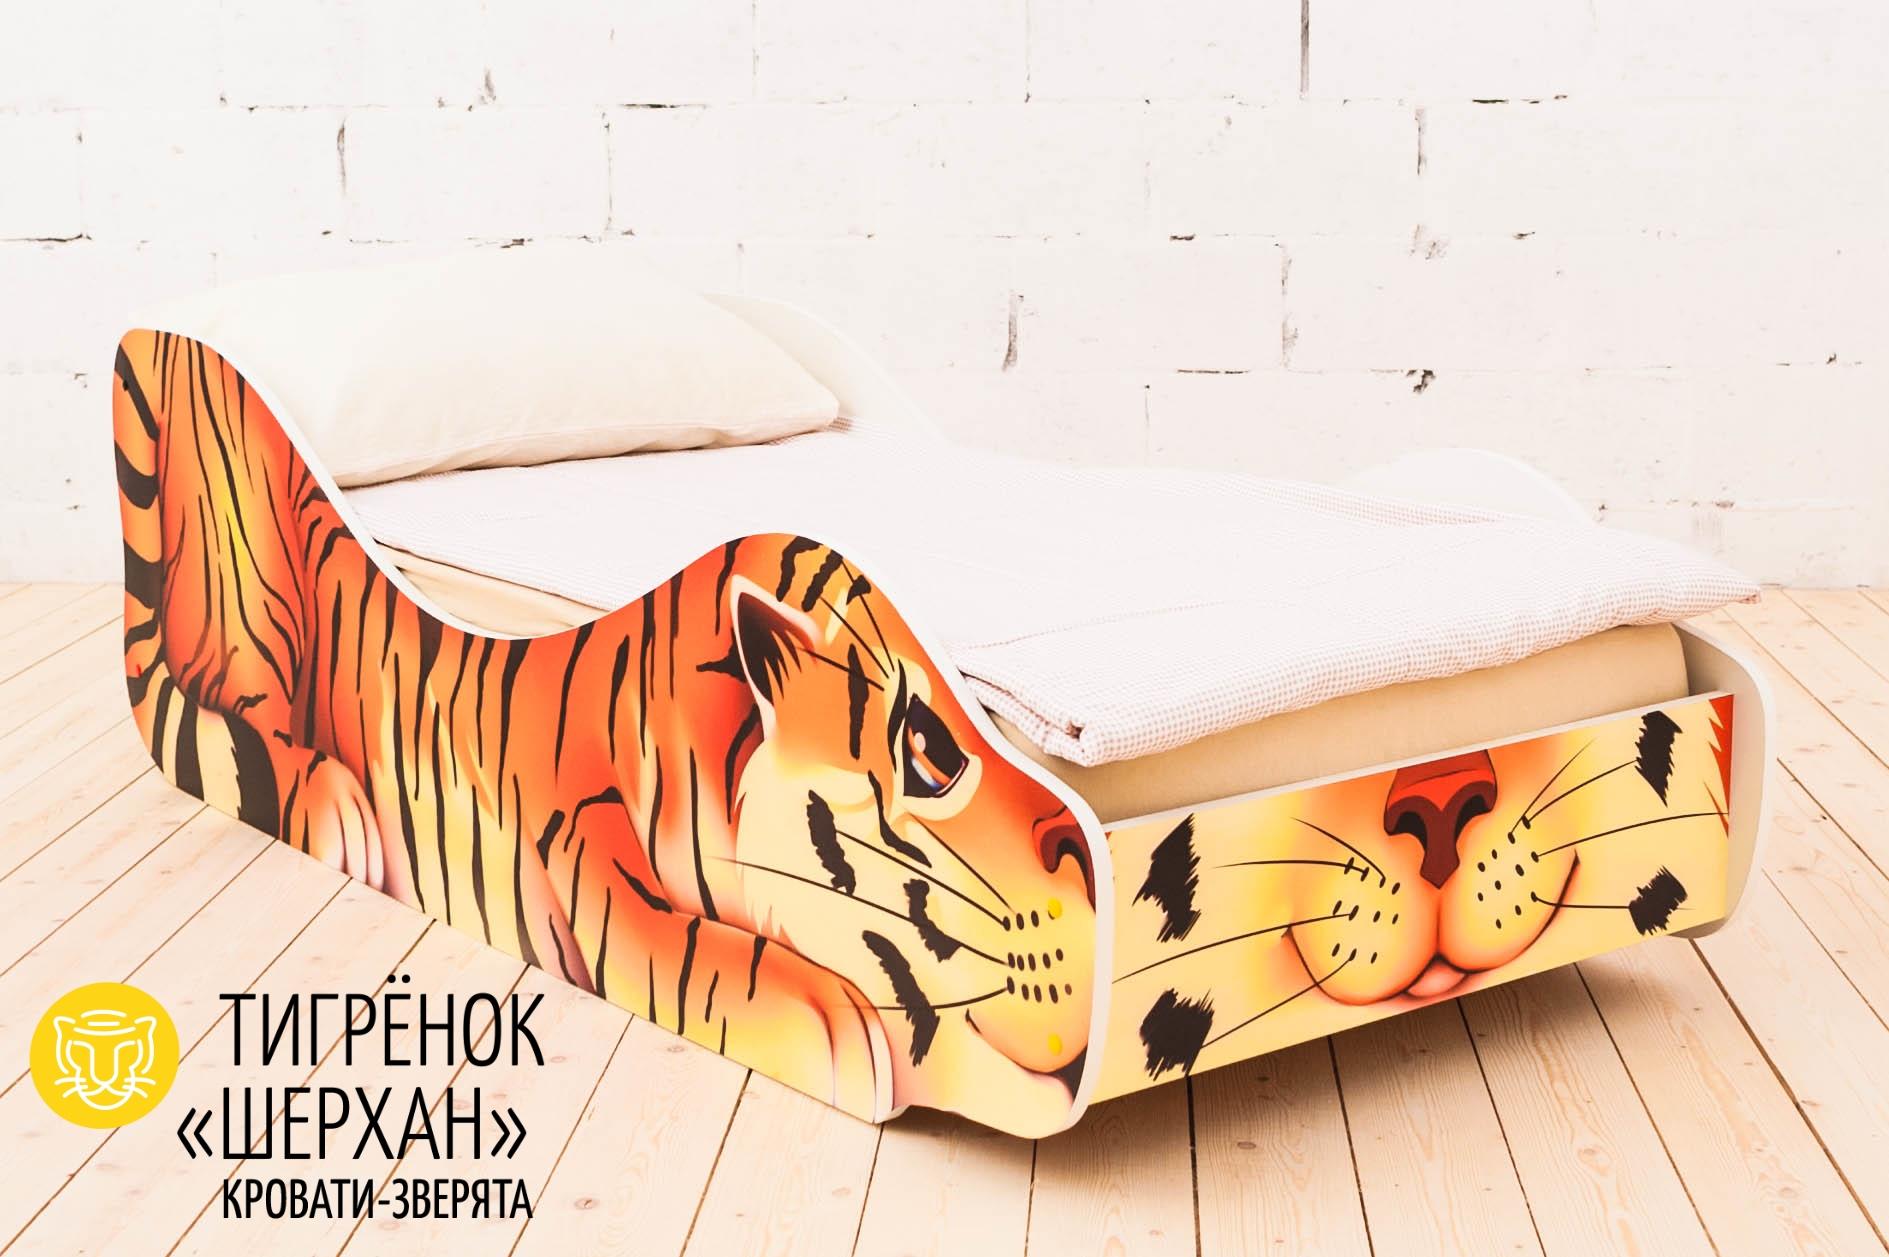 Детская кровать-зверенок -Тигренок-Шерхан-1